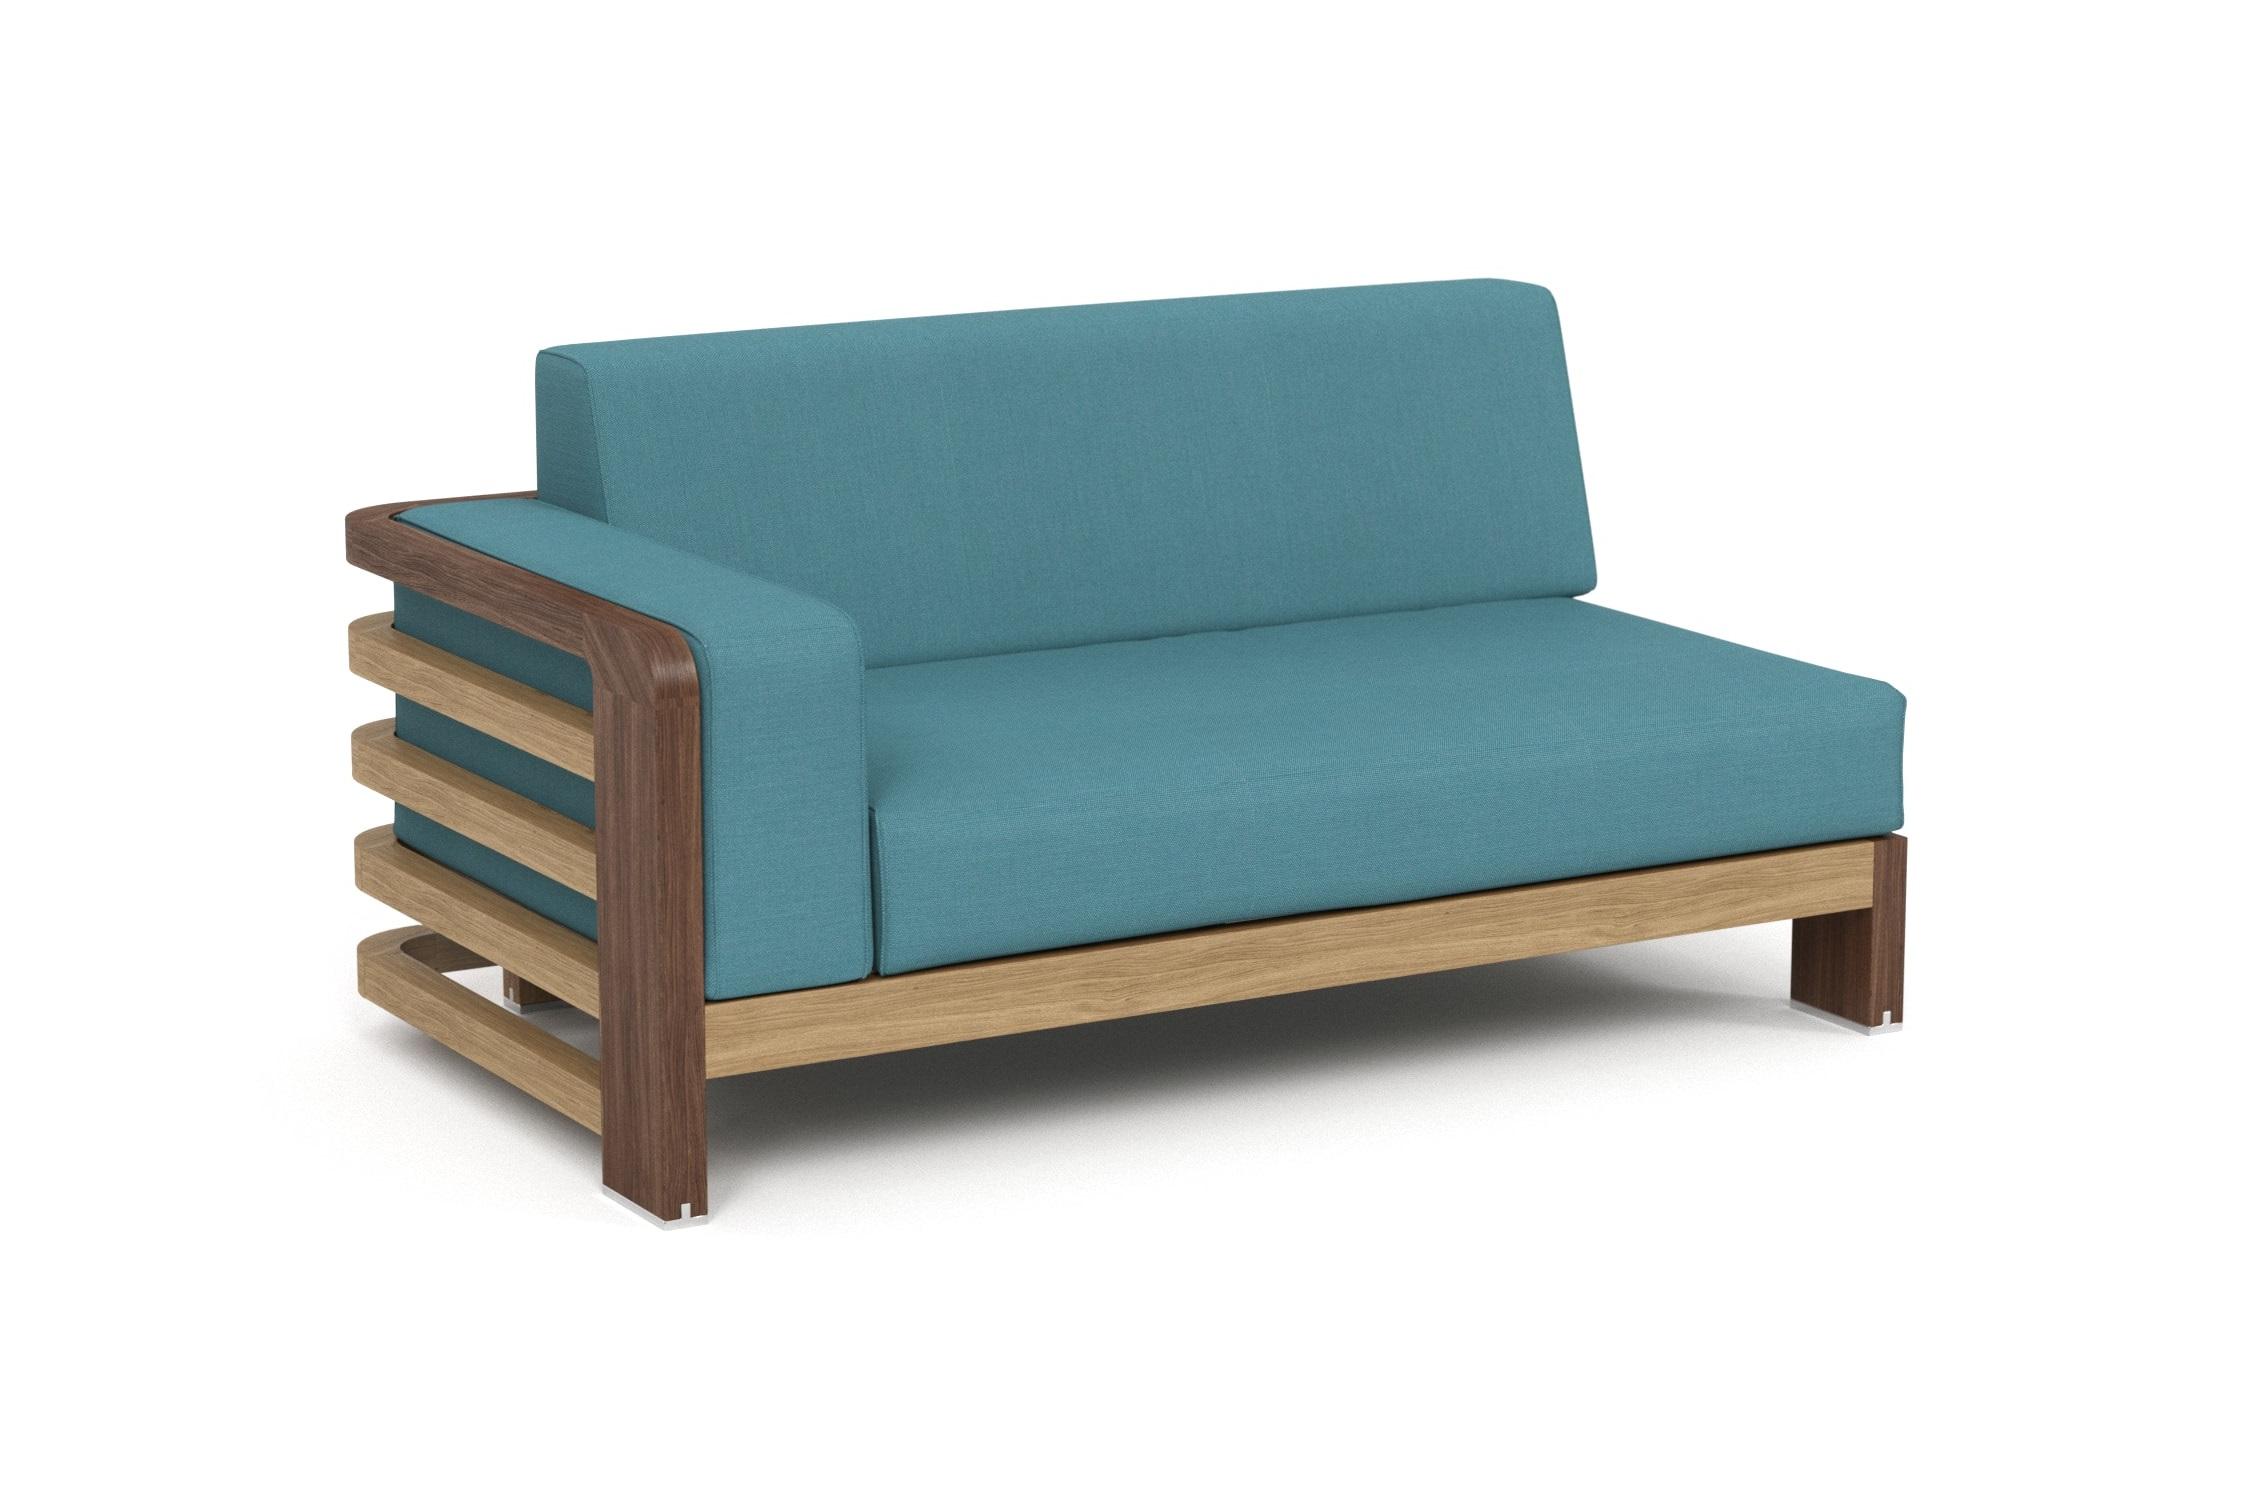 Кушетка левая LagoonДиваны и оттоманки для сада<br>Коллекция LAGOON – коллекция, предназначенная для обустройства тихого уединенного места, в котором можно полностью расслабиться и забыть о суете. <br>Дизайн продуман так, чтобы можно было выбрать множество вариаций для отдыха: загорать на шезлонге или расположиться на удобном диване, подремать в <br>кресле или понежиться на кушетке.&amp;nbsp;Высота посадки: 383 мм.&amp;nbsp;Ироко – экзотическая золотисто-<br><br>коричневатая/оливково-коричневая древесина с золотистым оттенком.&amp;nbsp; Мебель из ироко допускает круглогодичную эксплуатацию на открытом воздухе, <br><br>выдерживает перепады температур от –30 до +30С. Срок службы более 20 лет.Sunbrella® – акриловая ткань с водоотталкивающими <br><br>свойствами от мирового лидера в производстве тканей для <br>яхт. Ткани Sunbrella изготавливаются из окрашиваемого в растворе акрилового волокна. Обработка, препятствующая образованию пятен, защищает ткани <br>Sunbrella, которые допускают машинную стирку и обеспечивают защиту от УФ-лучей<br><br>kit: None<br>gender: None